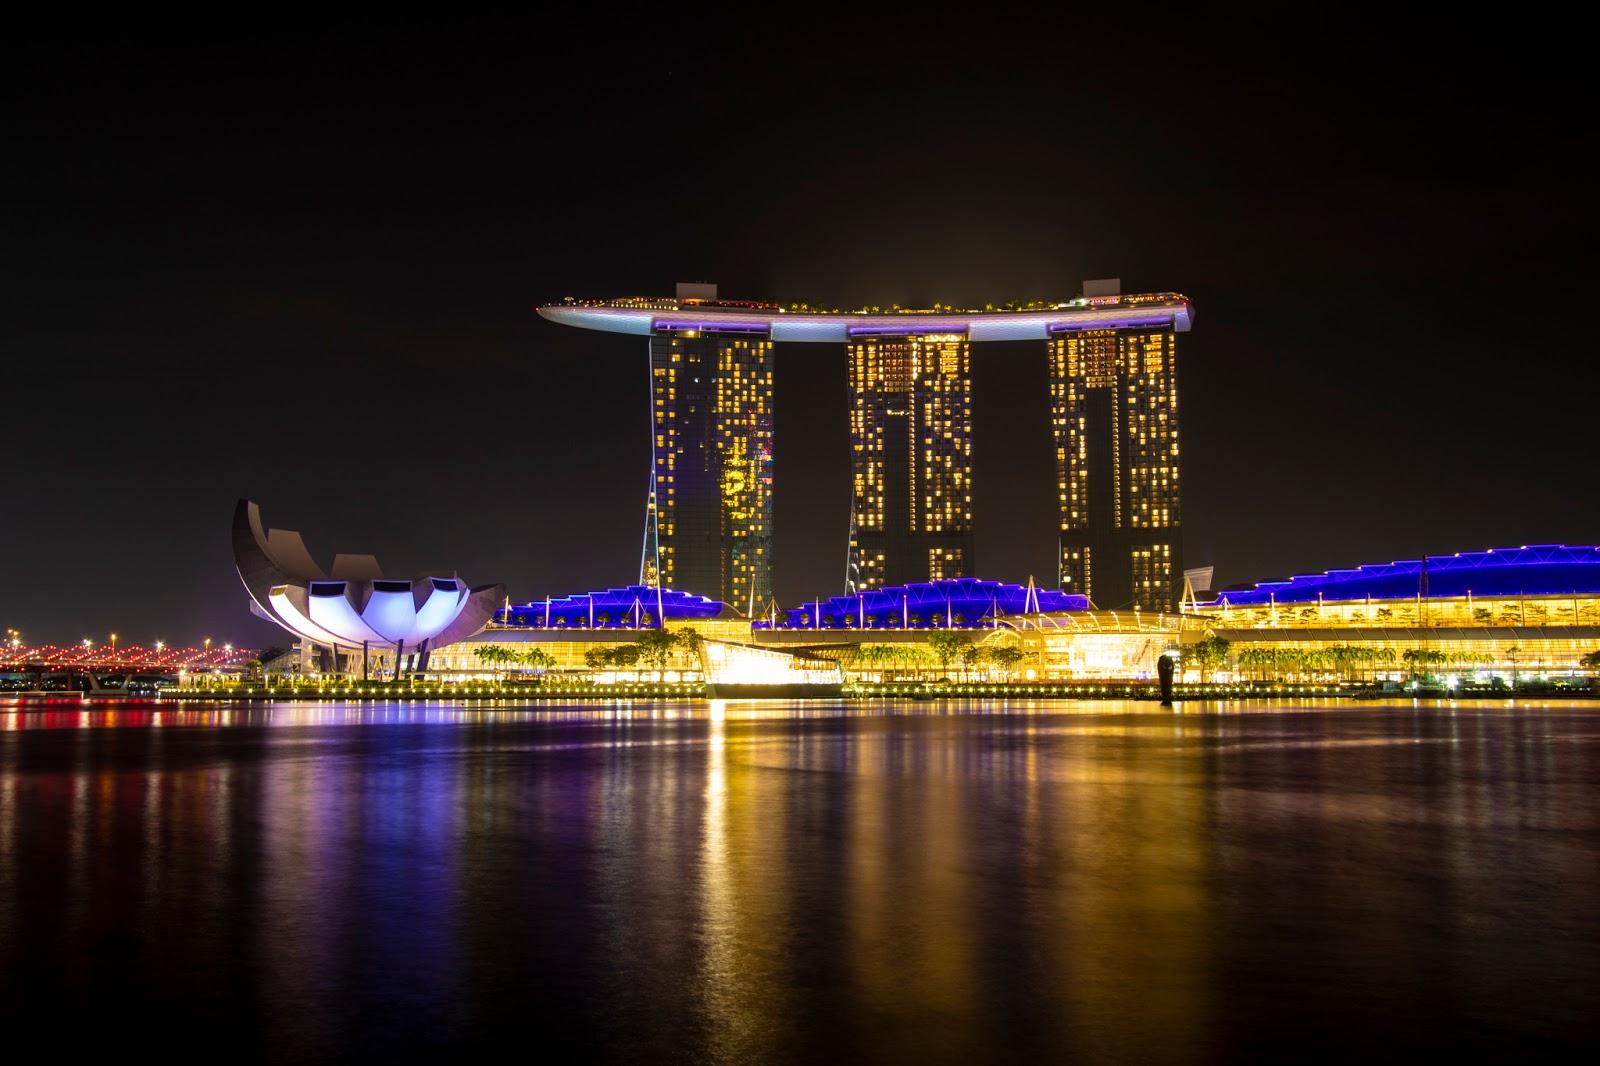 Singapore: diario di viaggio, secondo giorno